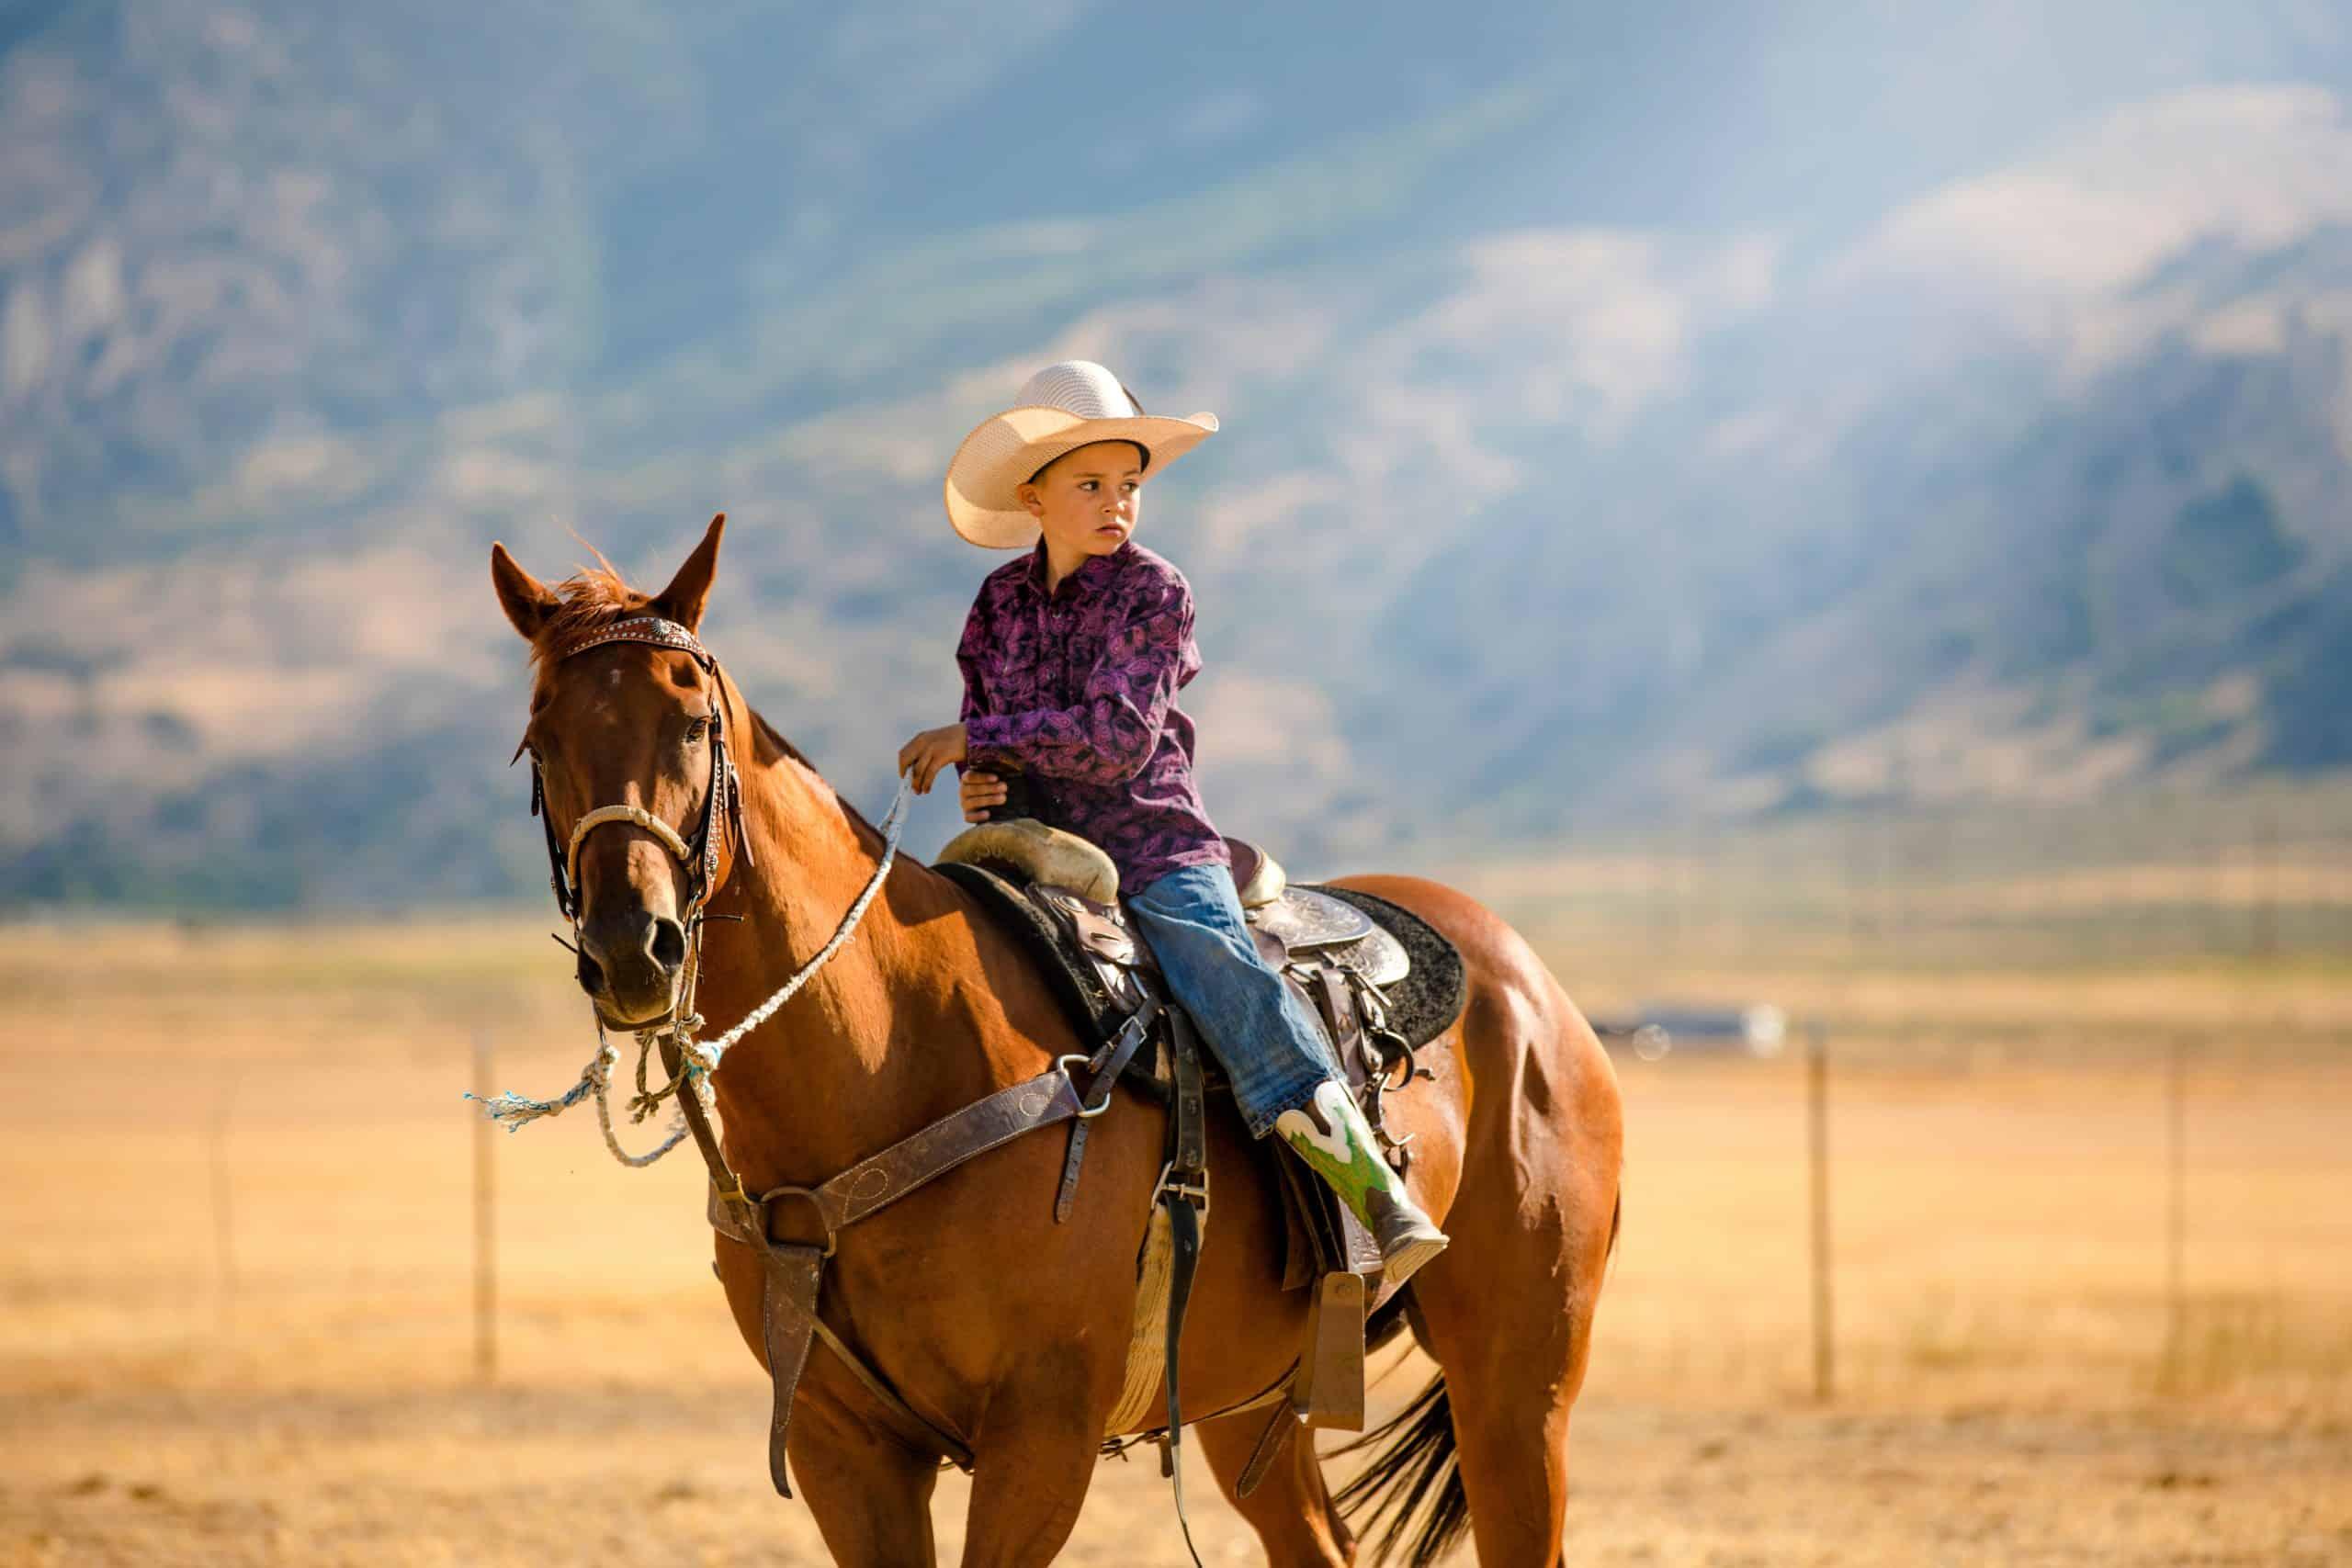 A long cowboy rides his horse in Utah, USA